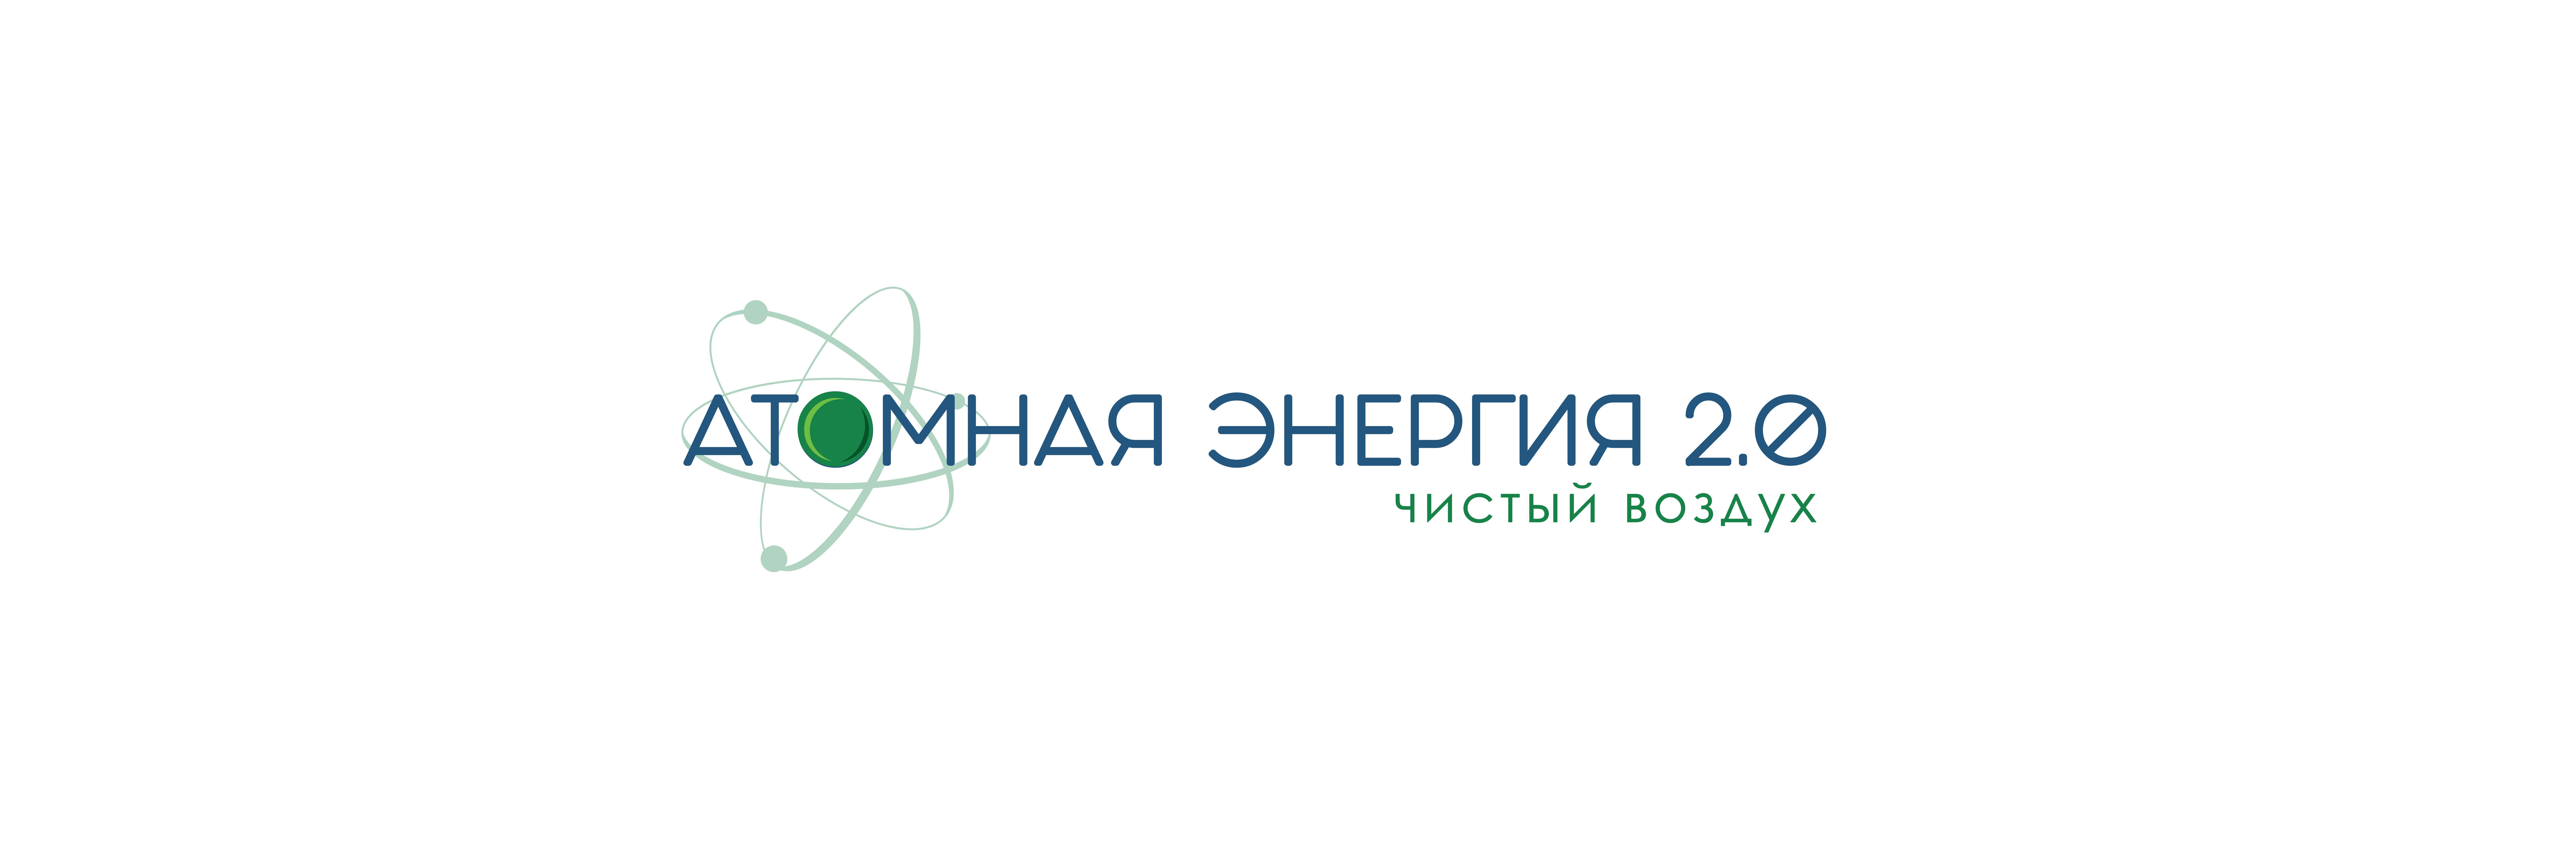 """Фирменный стиль для научного портала """"Атомная энергия 2.0"""" фото f_64359e450a75d016.jpg"""